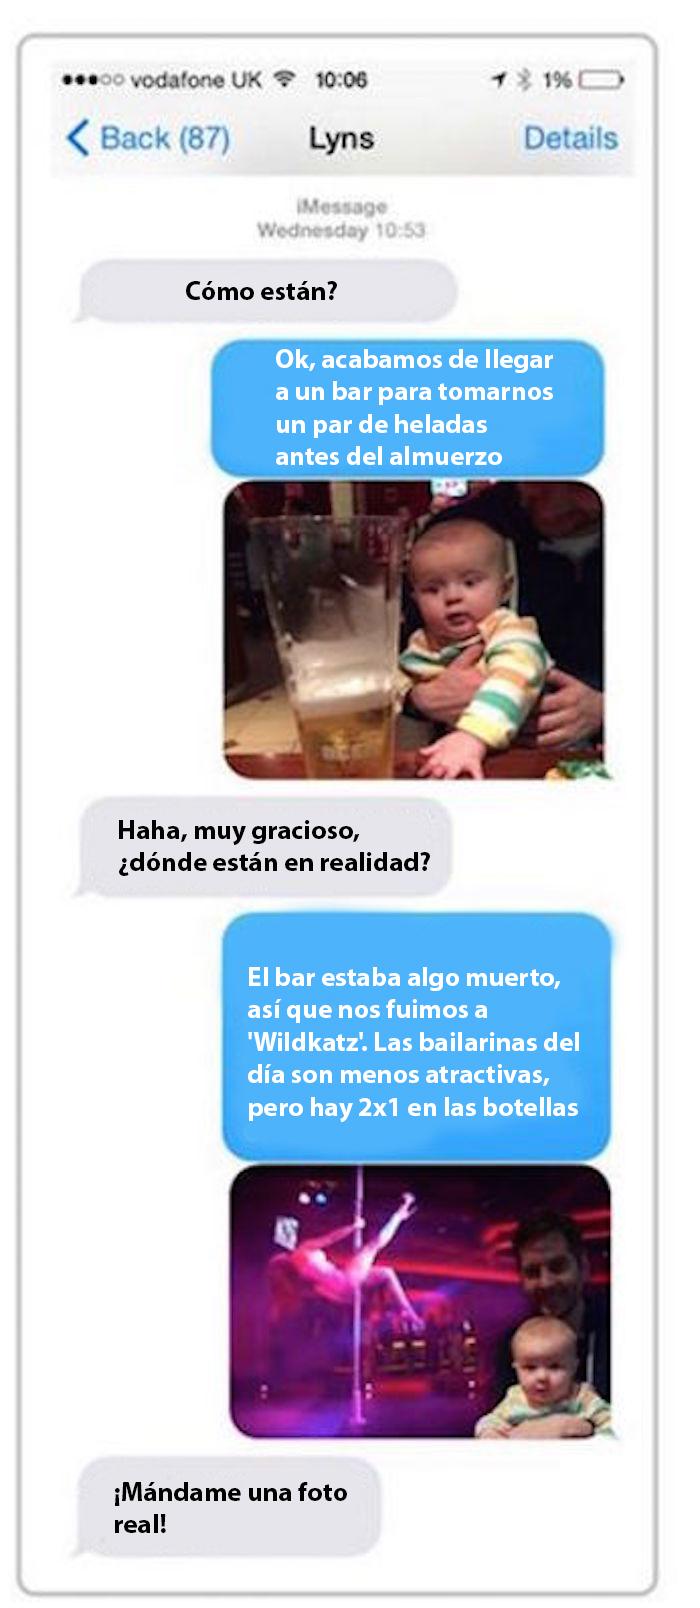 Papá le manda fotos a su esposa de su hijo en un bar y en un teibol